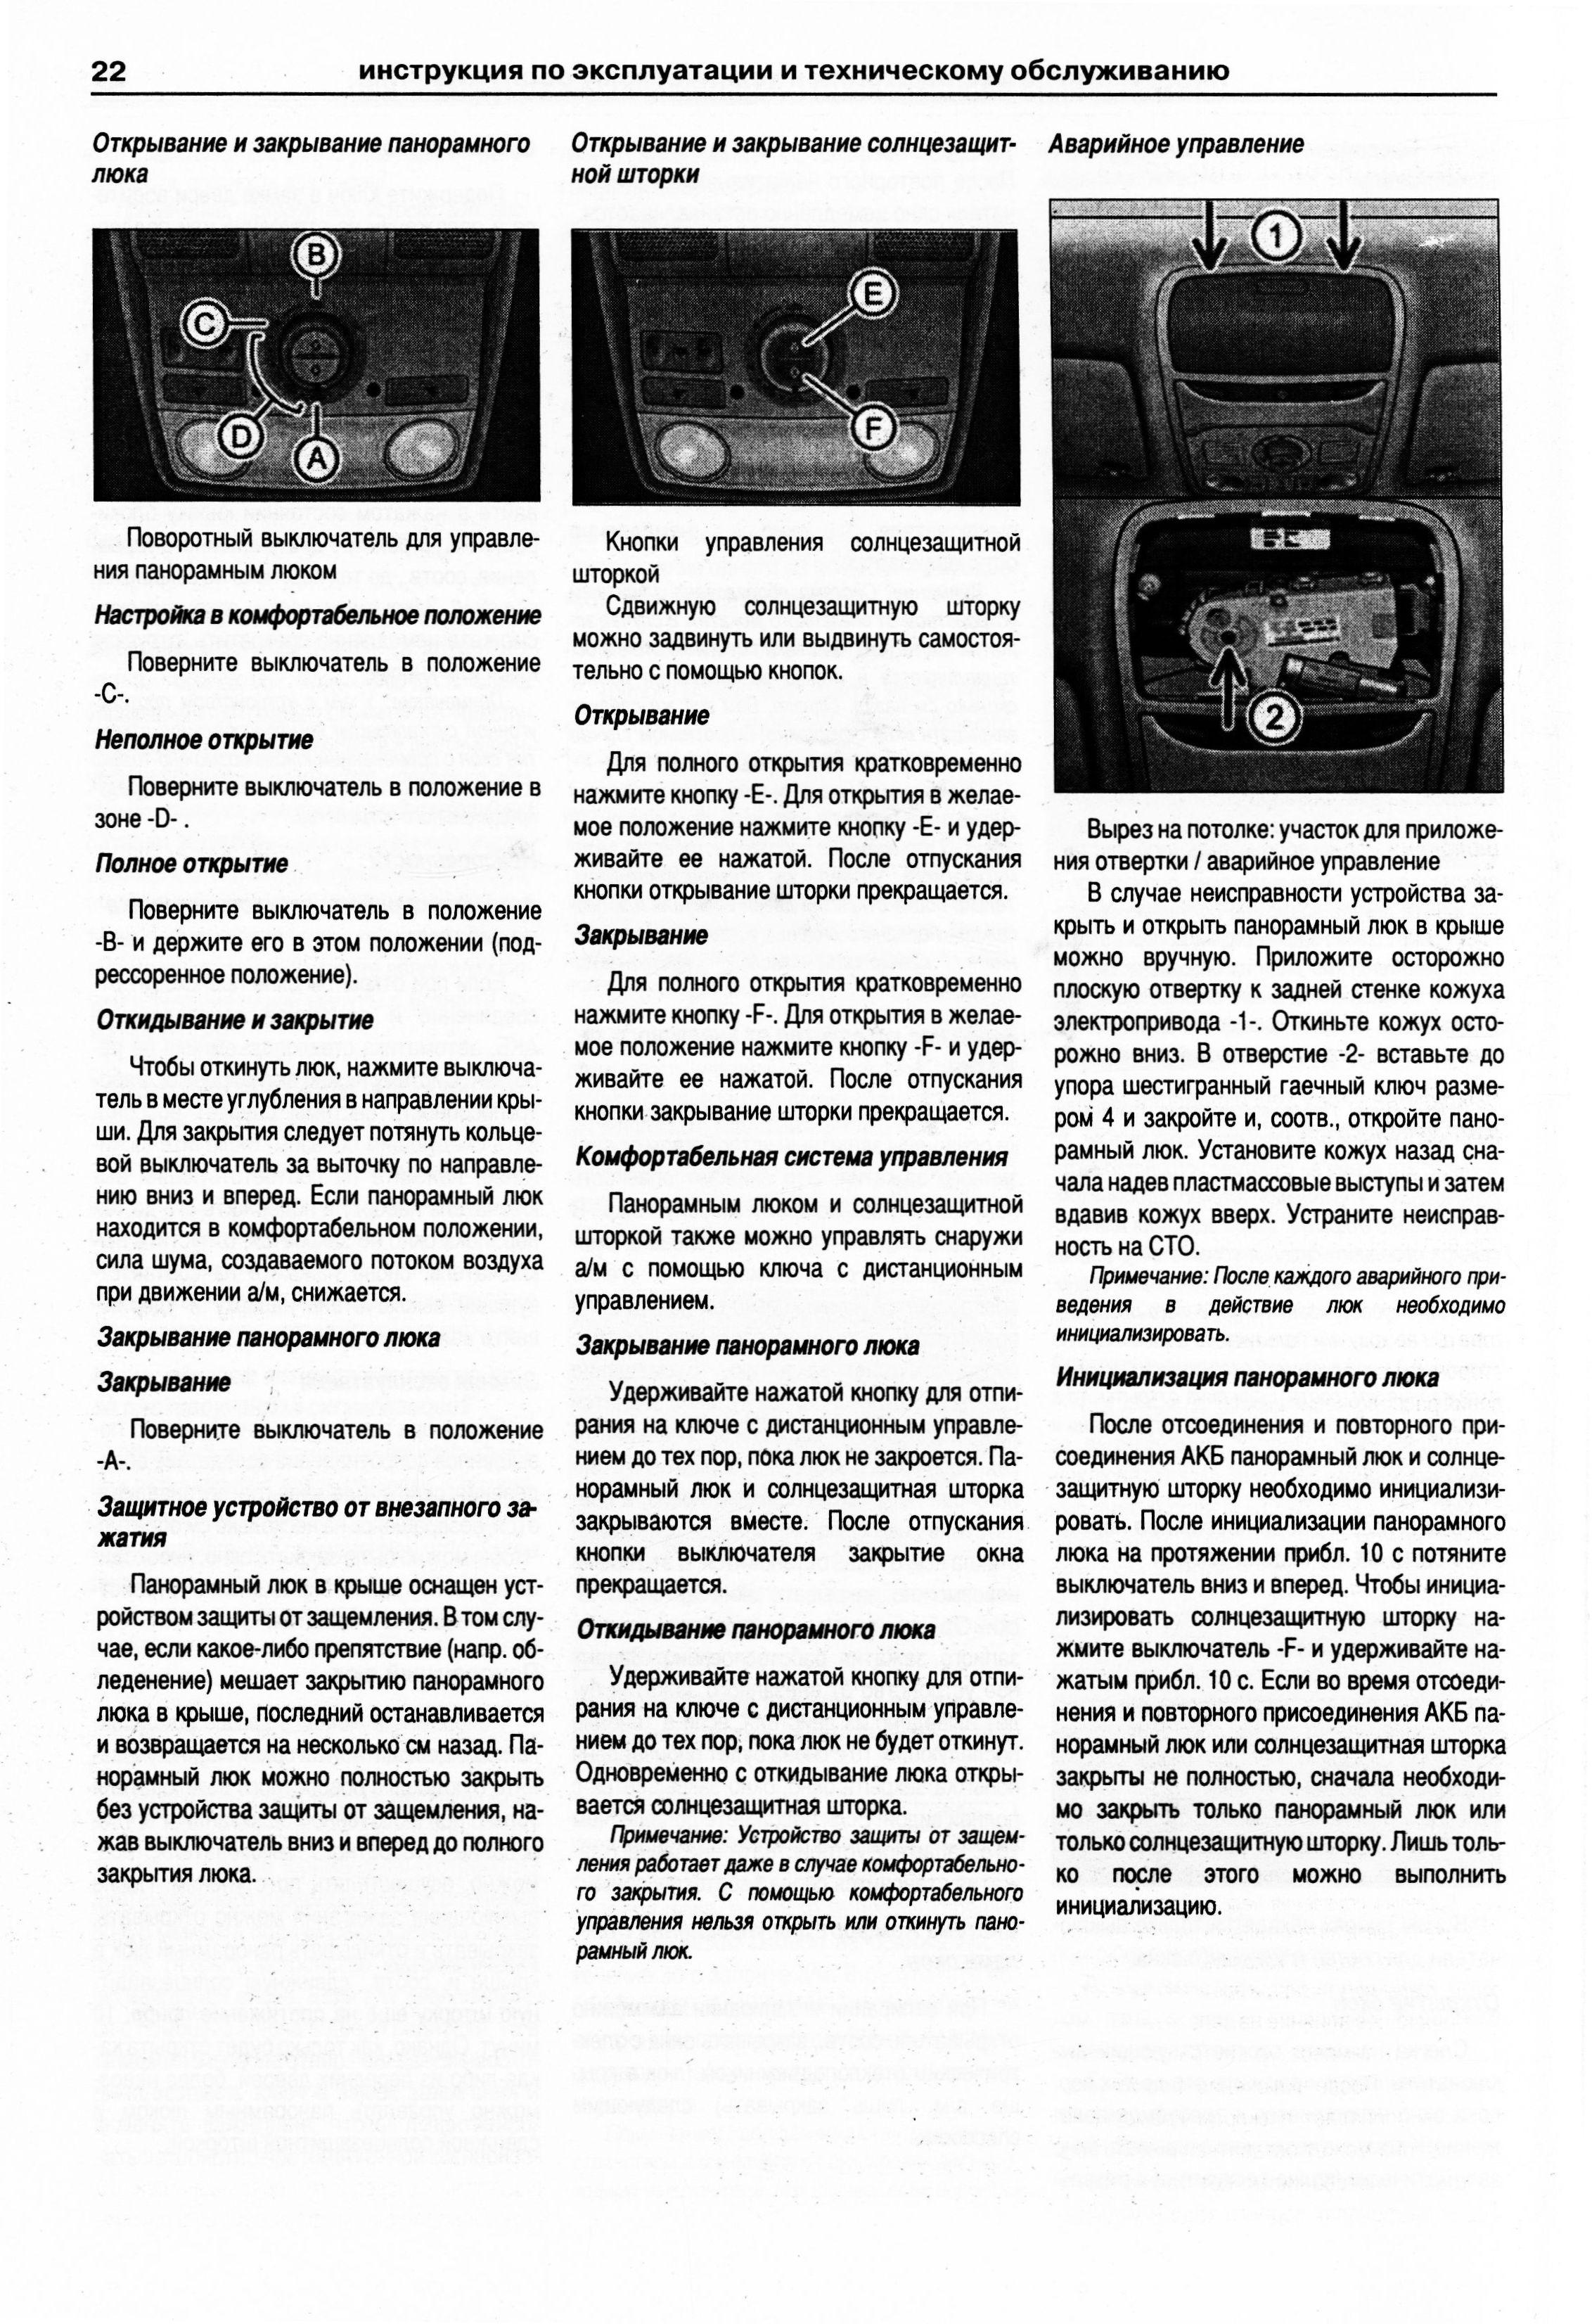 схема радиоприёмника салют 001